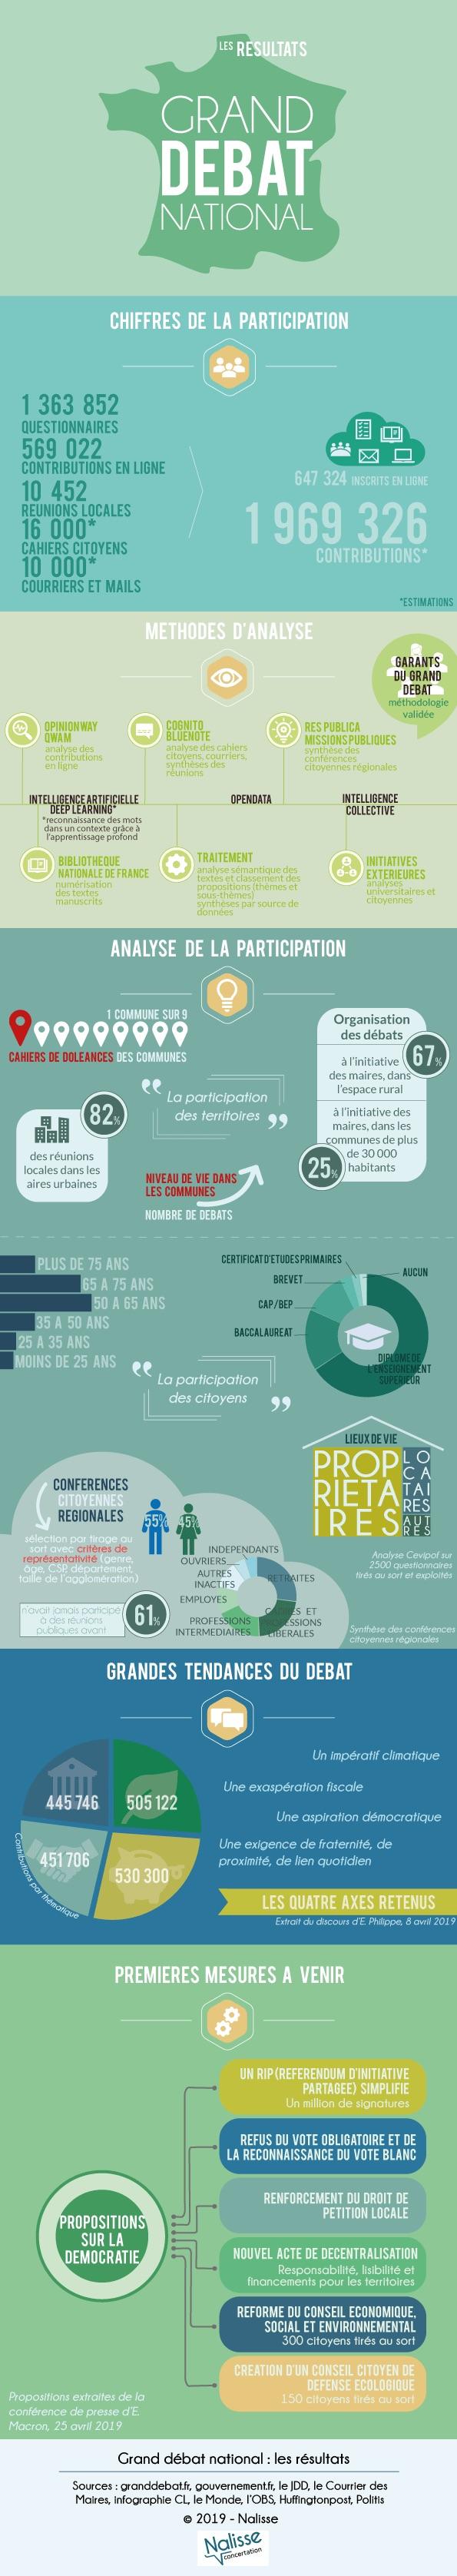 Infographie du grand débat